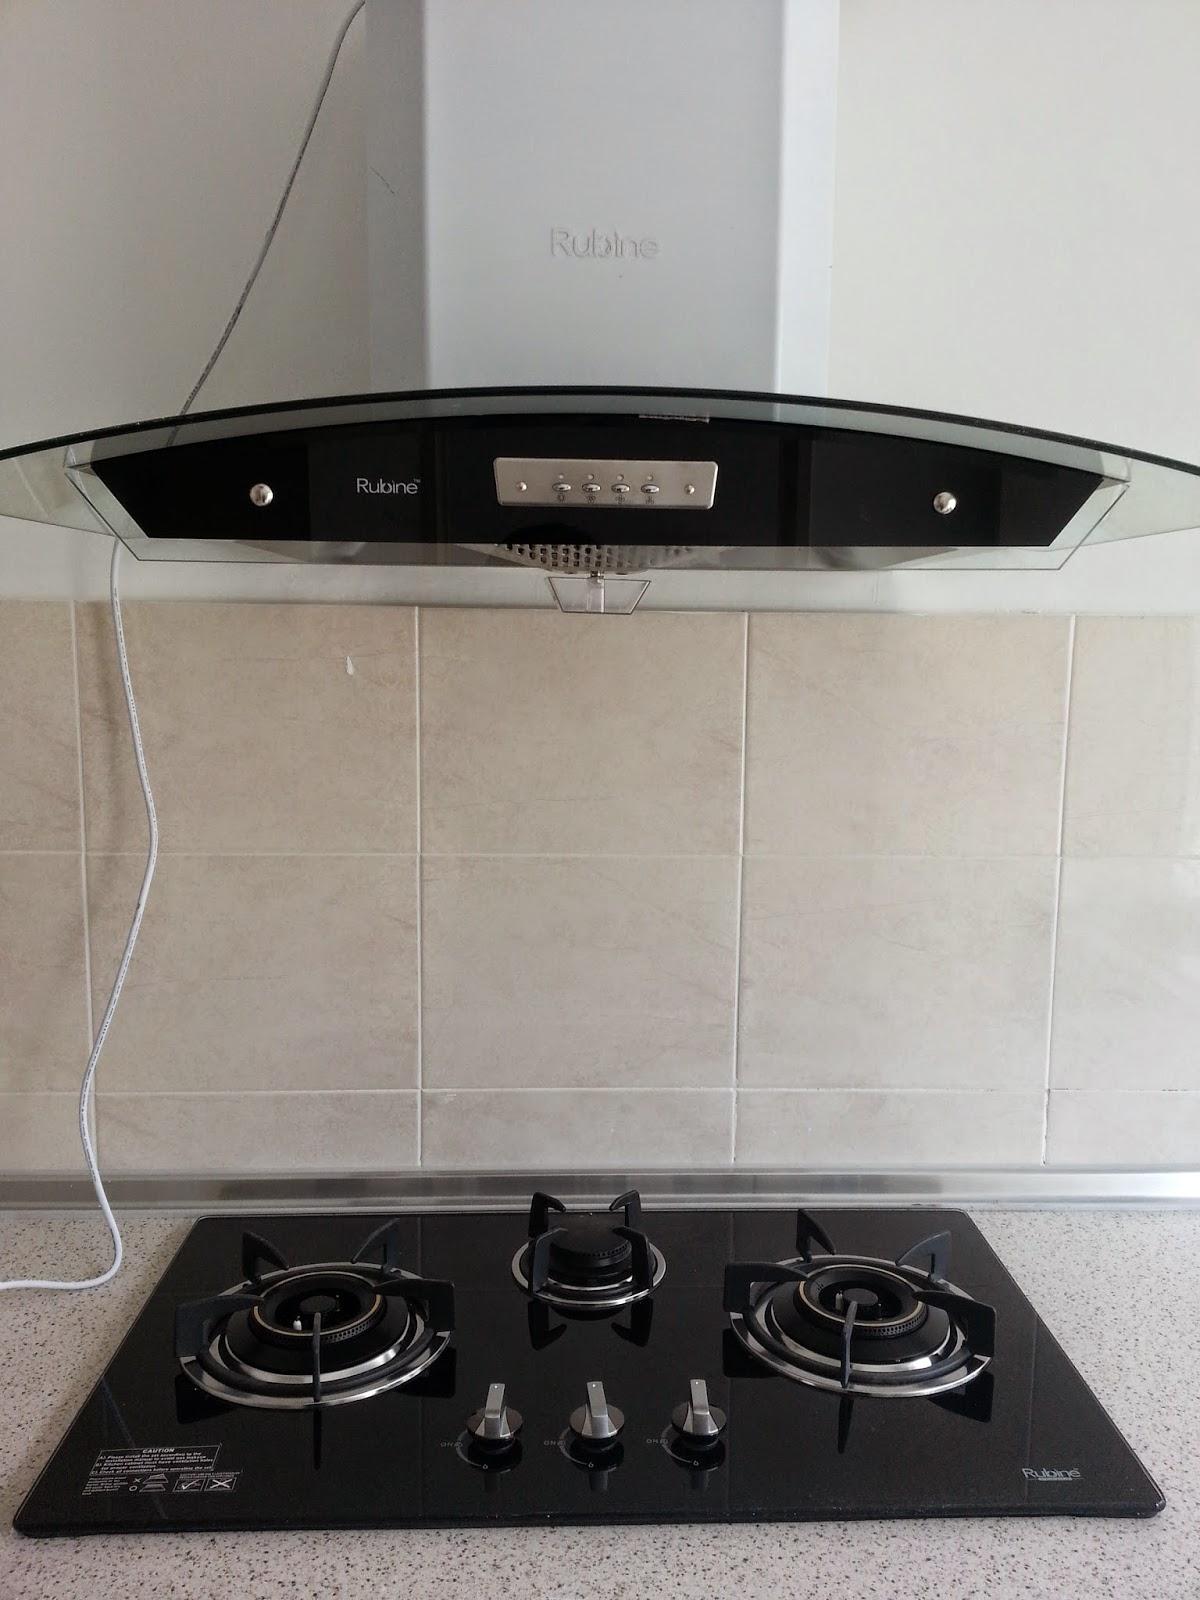 Hood Dapur Murah Ch Cooker 90 Cm Filter Hisap Udara Angin Asap Wall Tudung Penghisap Garansi Online 60 Ntahapahapantah